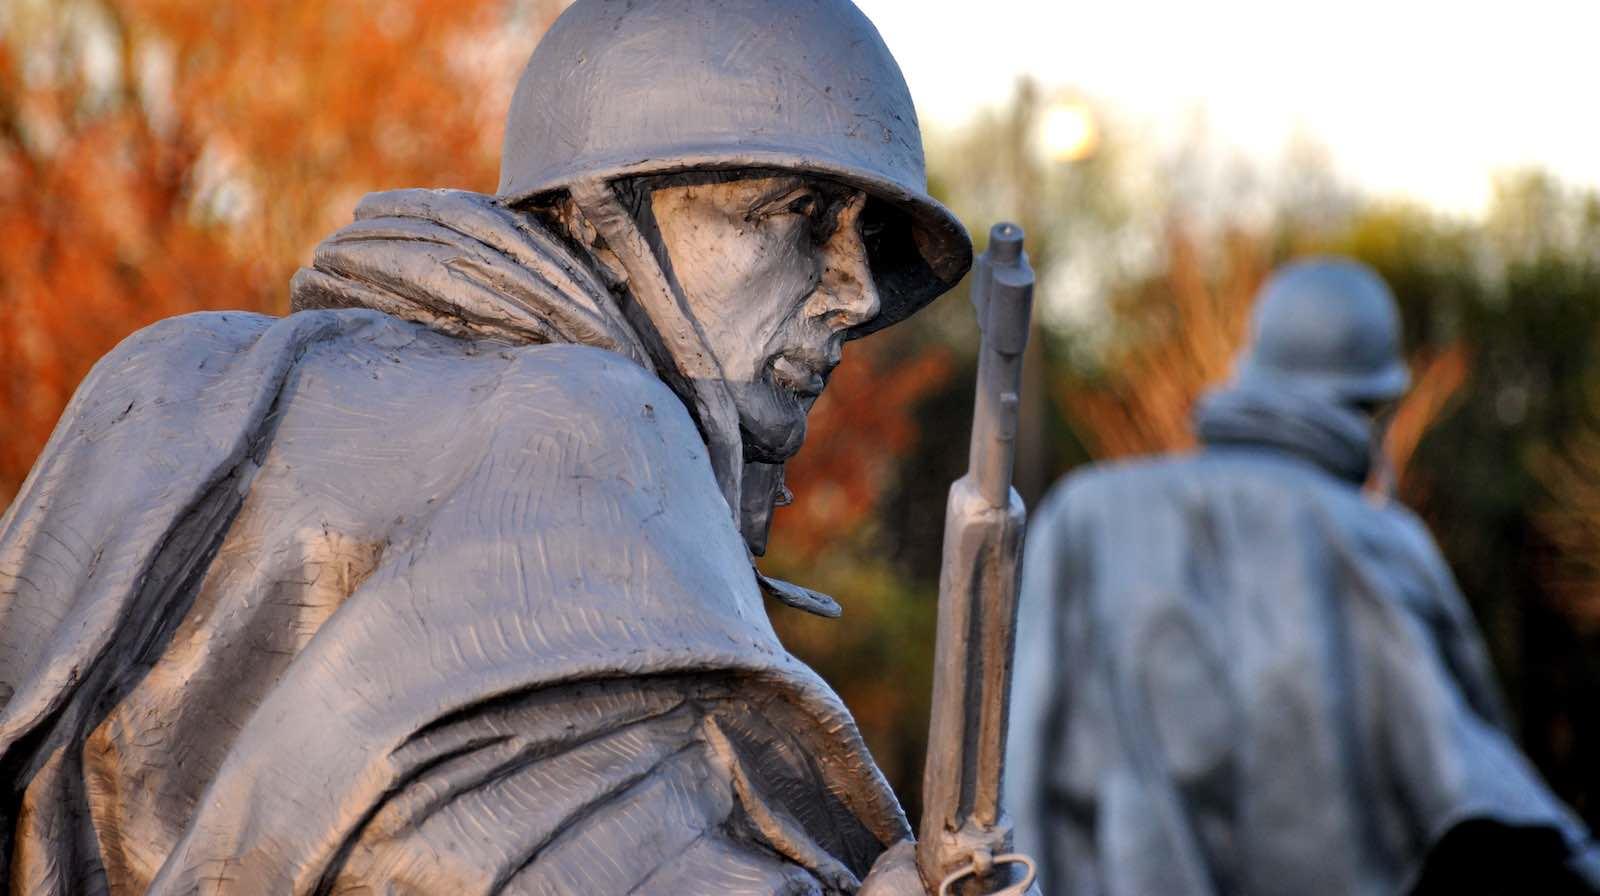 Korean War memorial, Washington DC (Photo: Kevin Burkett/Flickr)